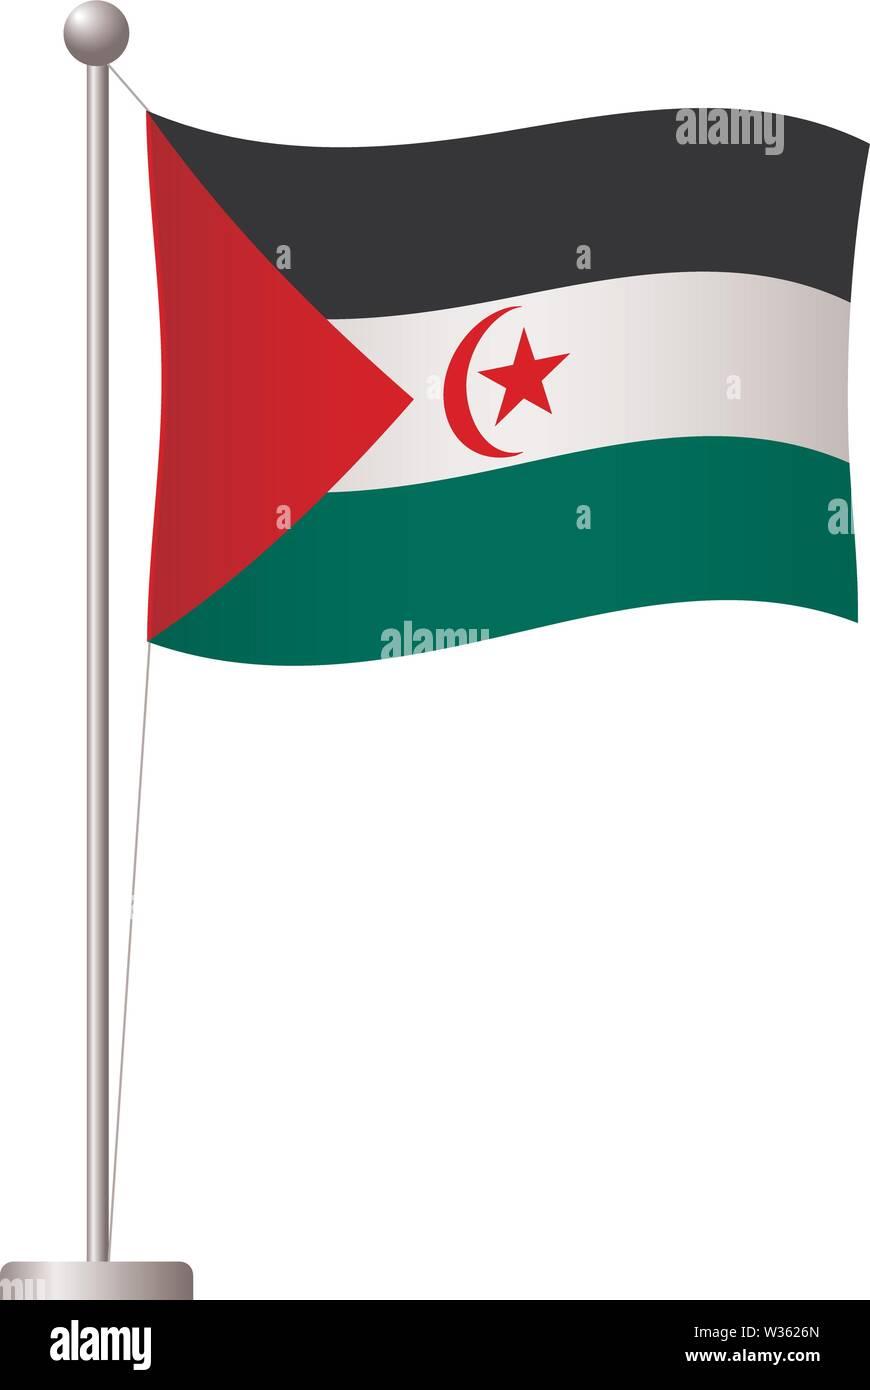 Arabische saharauische Demokratische Republik Flagge auf der Pole. Metall Fahnenmast. Nationalflagge von Arabische saharauische Demokratische Republik Vector Illustration Stockbild